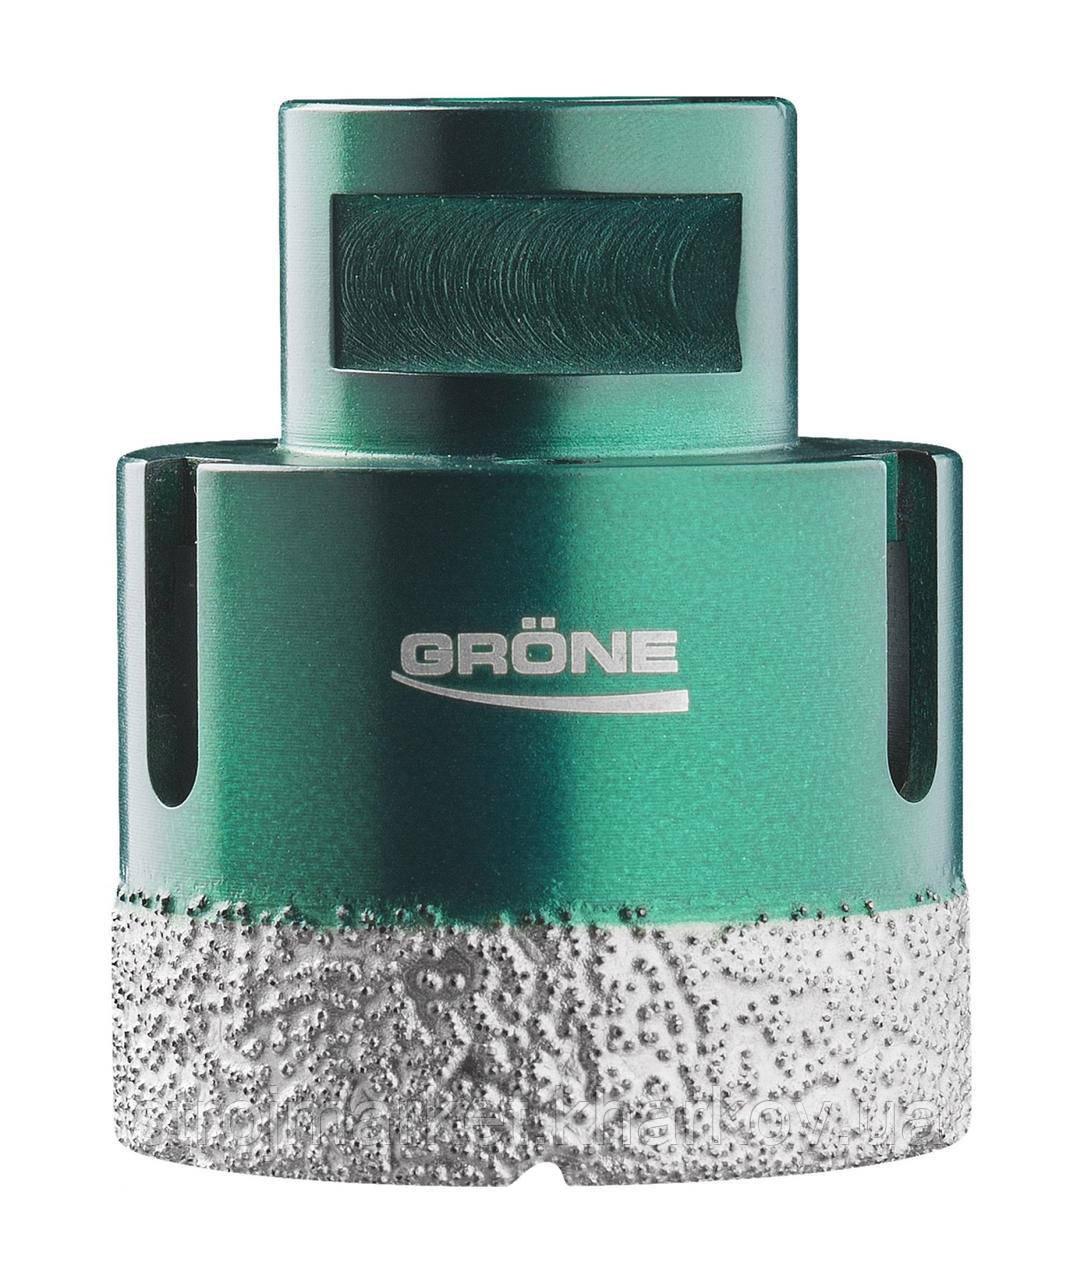 Алмазная коронка вакуумного спекания 12 мм Grone (М14) УШМ